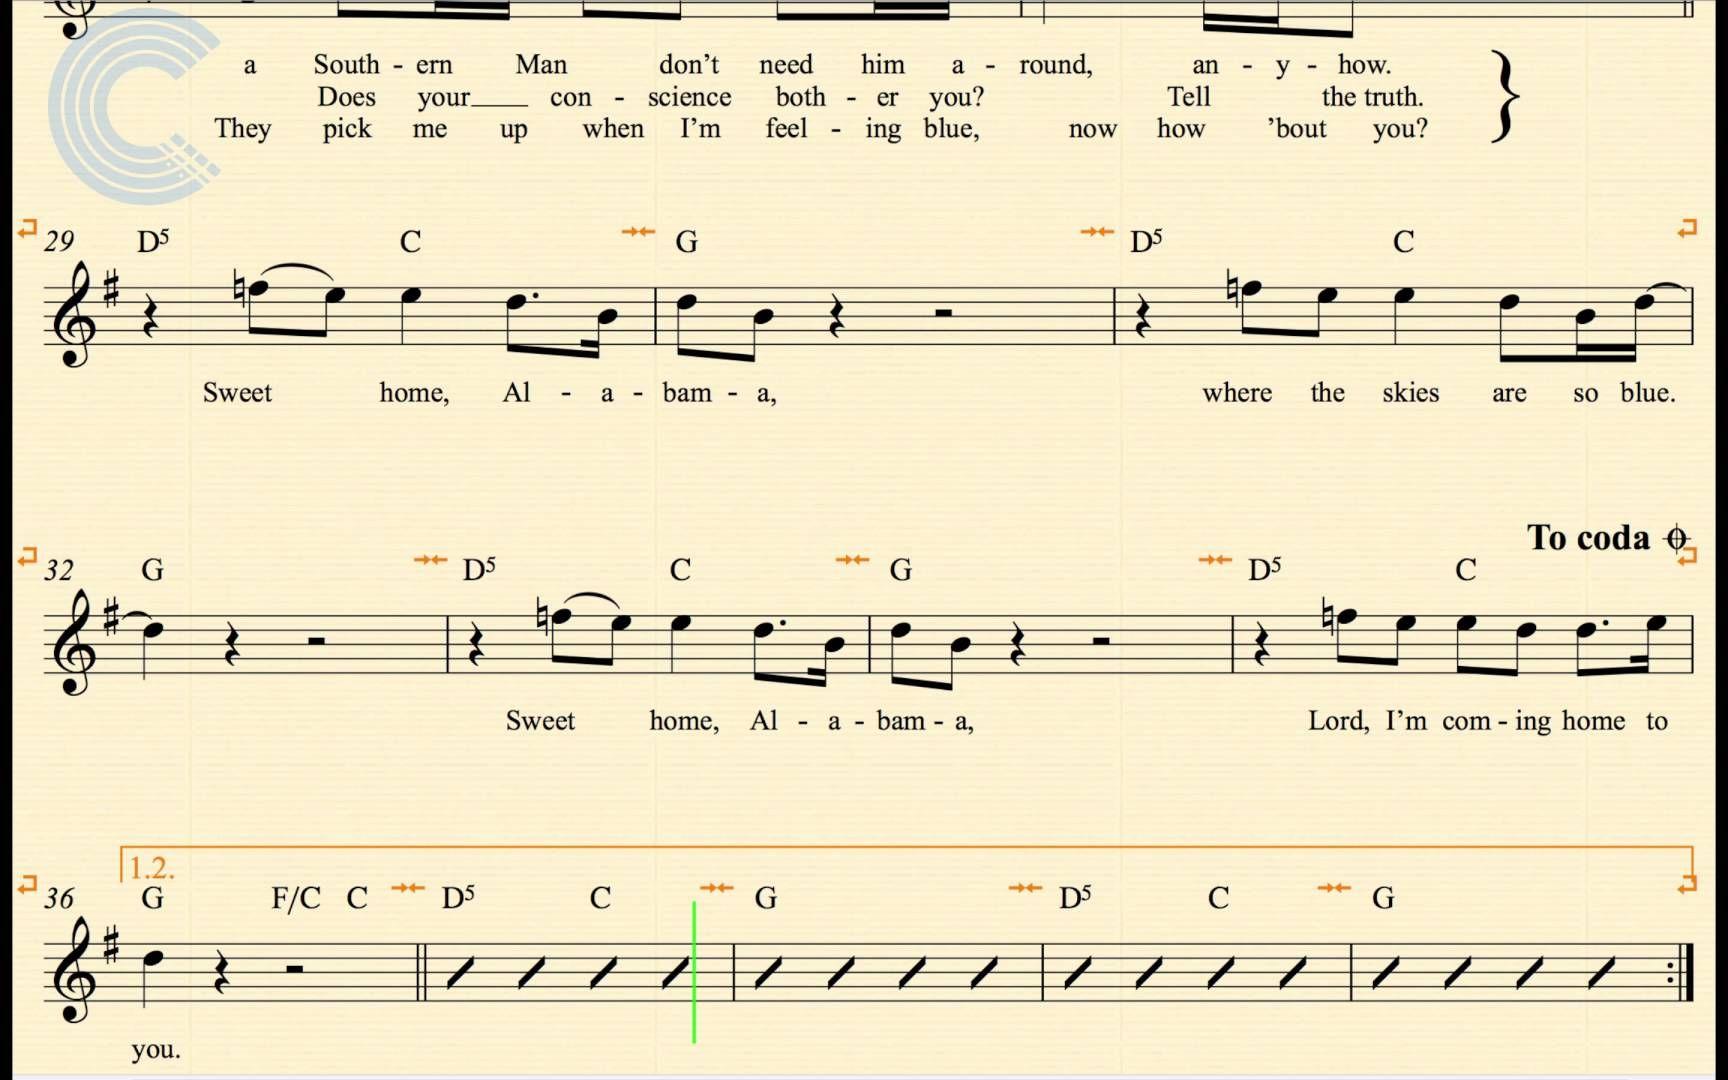 Sweet home alabama 3 lynyrd skynyrd 4:52 320 kbps arrang + b.v. Flute Sweet Home Alabama Lynyrd Skynyrd Sheet Music Chords Vocals Sheet Music Flute Sheet Music Vocal